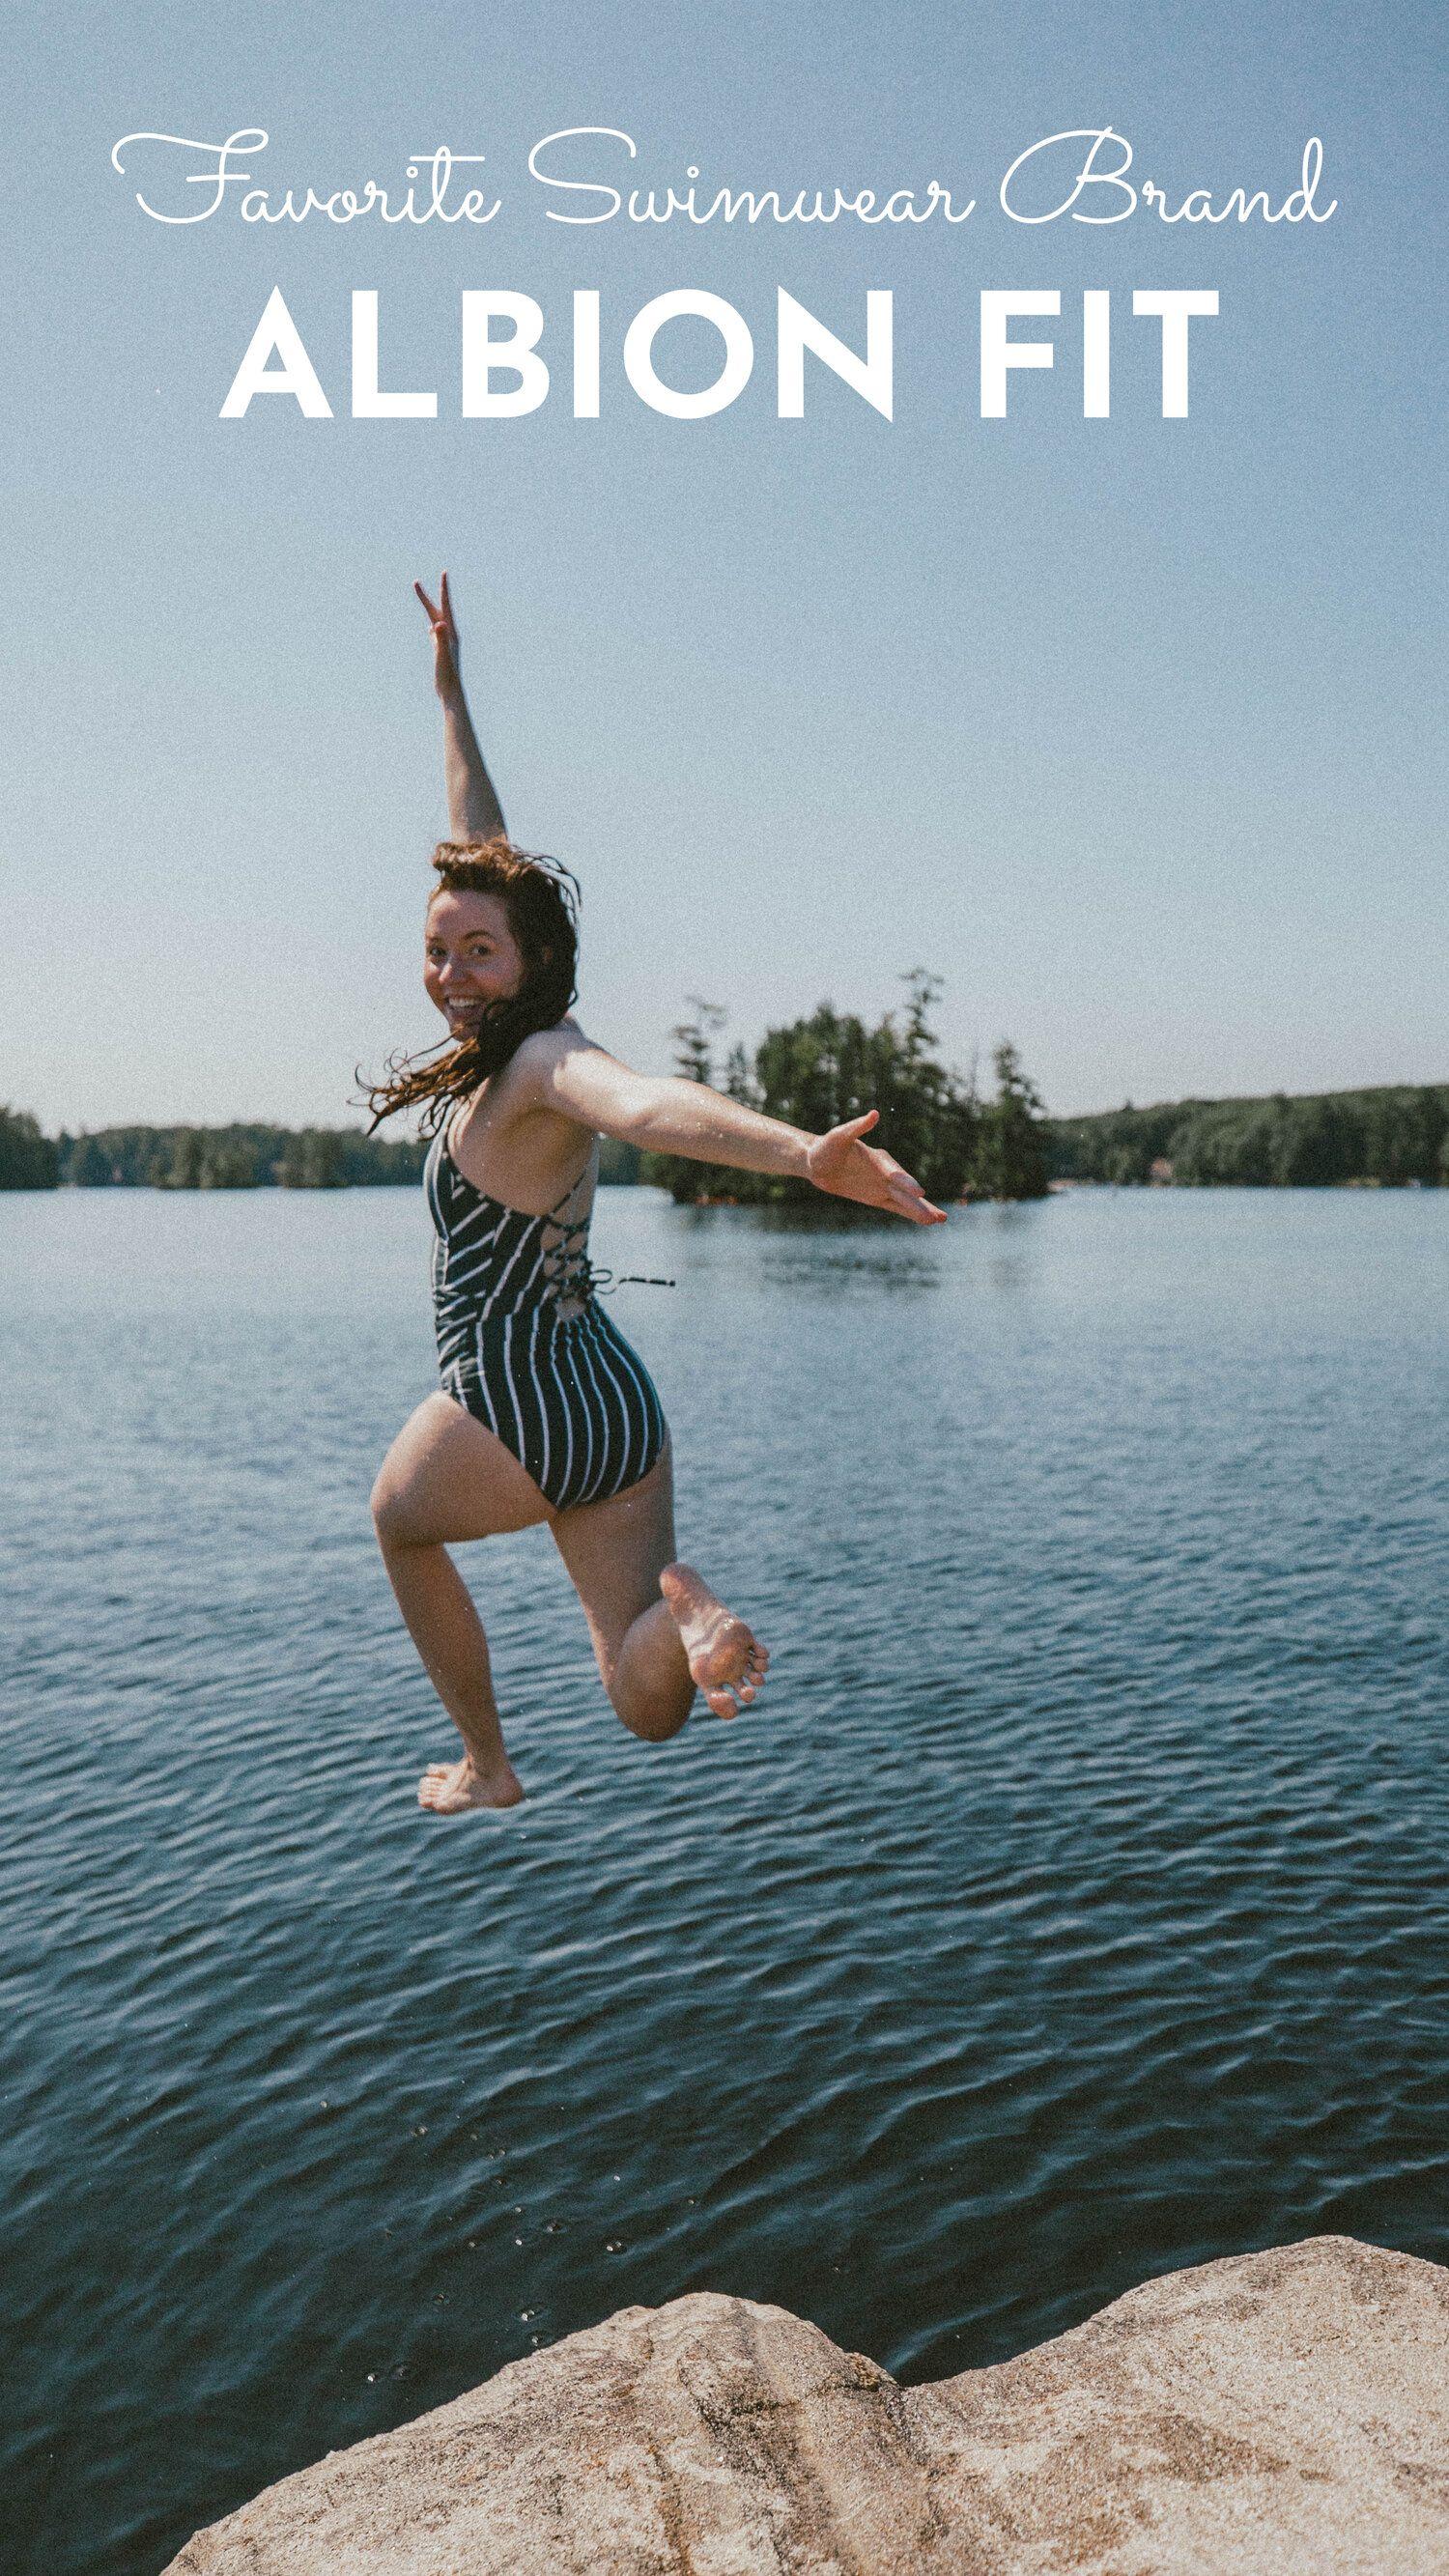 Best swimwear brand albion fit in 2020 swimwear brands